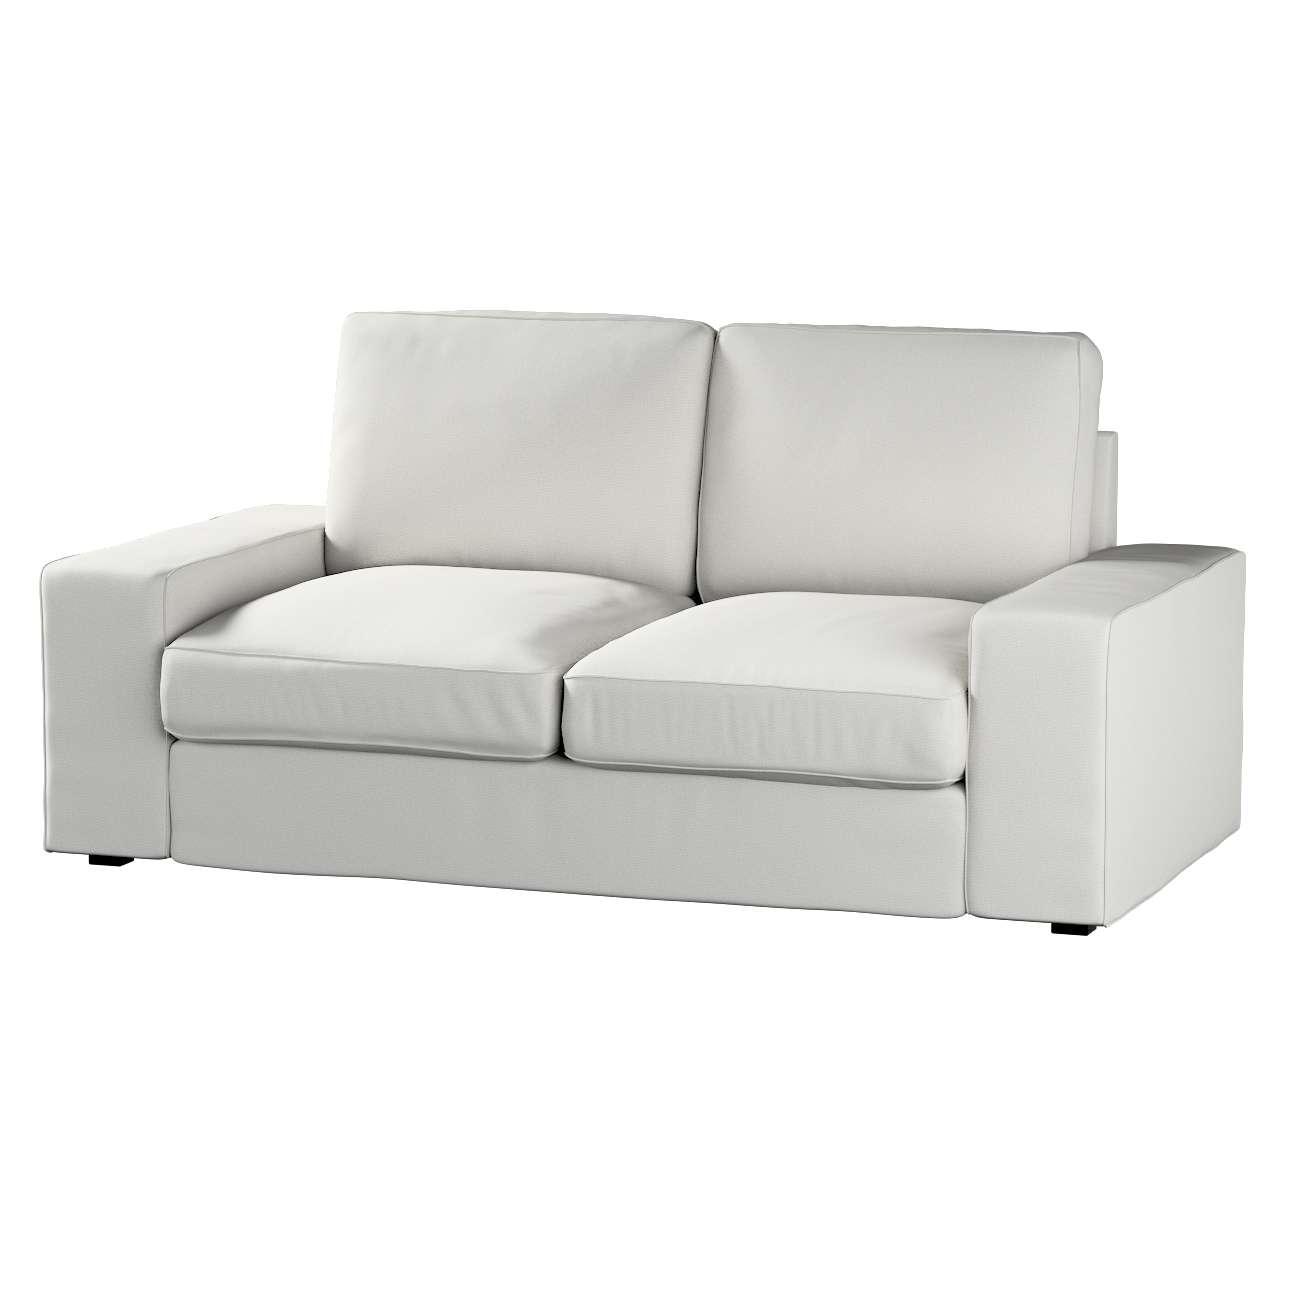 KIVIK dvivietės sofos užvalkalas Kivik 2-seat sofa kolekcijoje Etna , audinys: 705-90